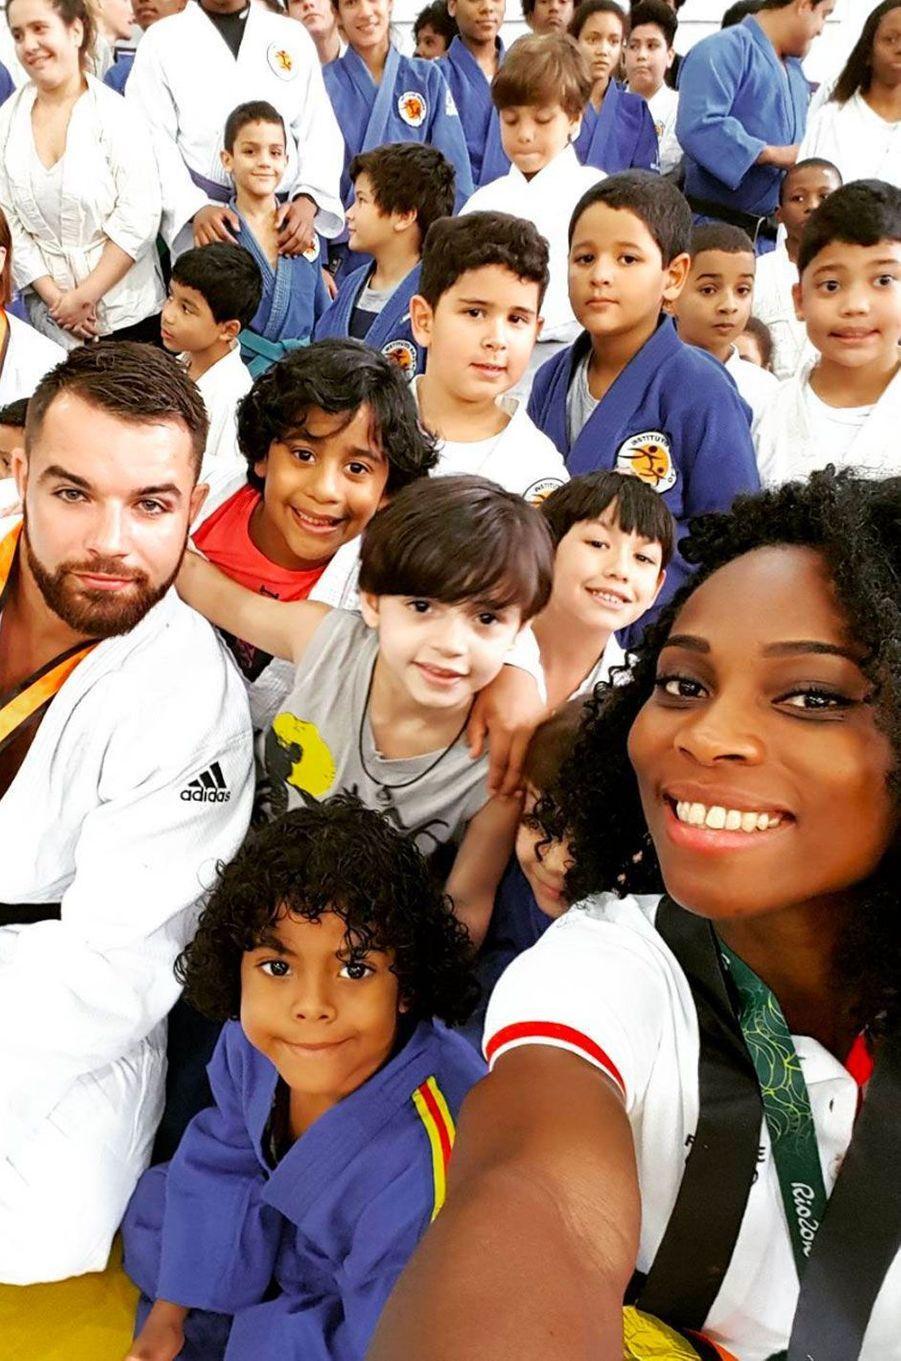 Entrainement de judo avec des enfants brésiliens pour Pricilla Gneto